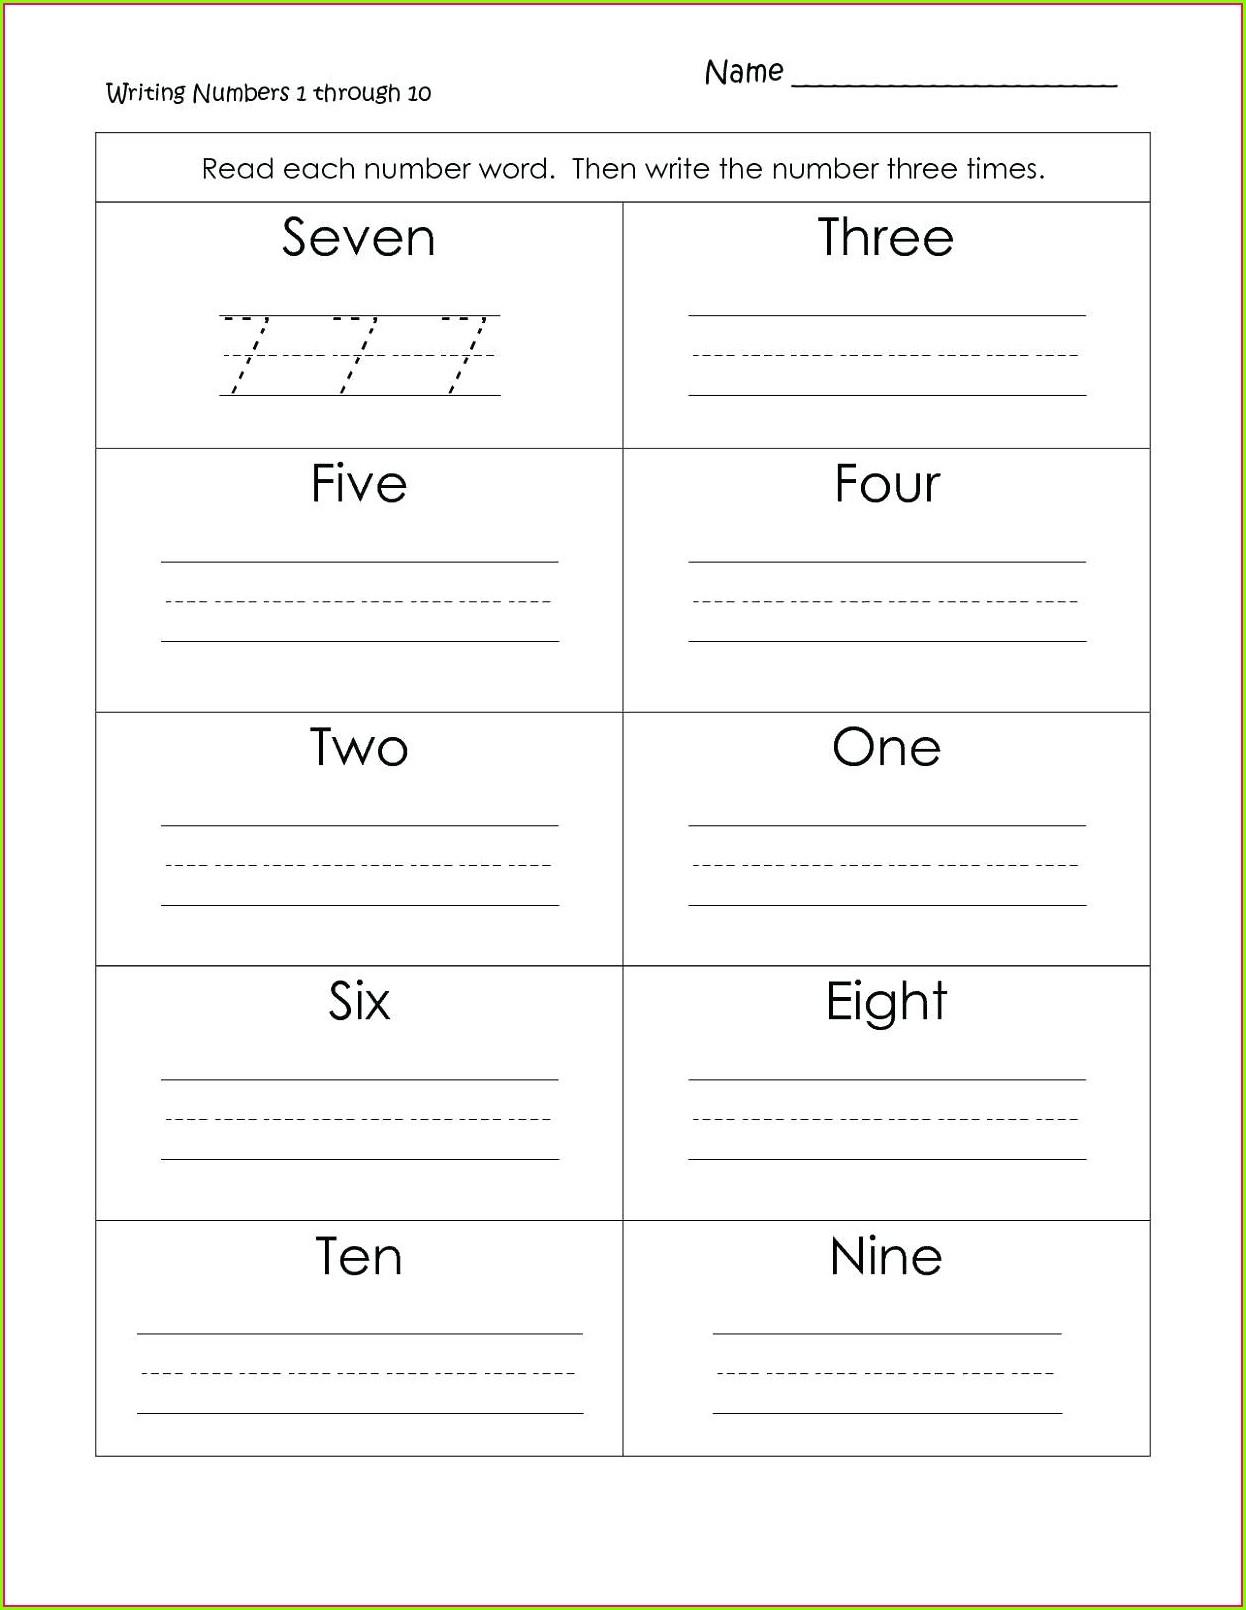 Complete Sentences Worksheet 5th Grade